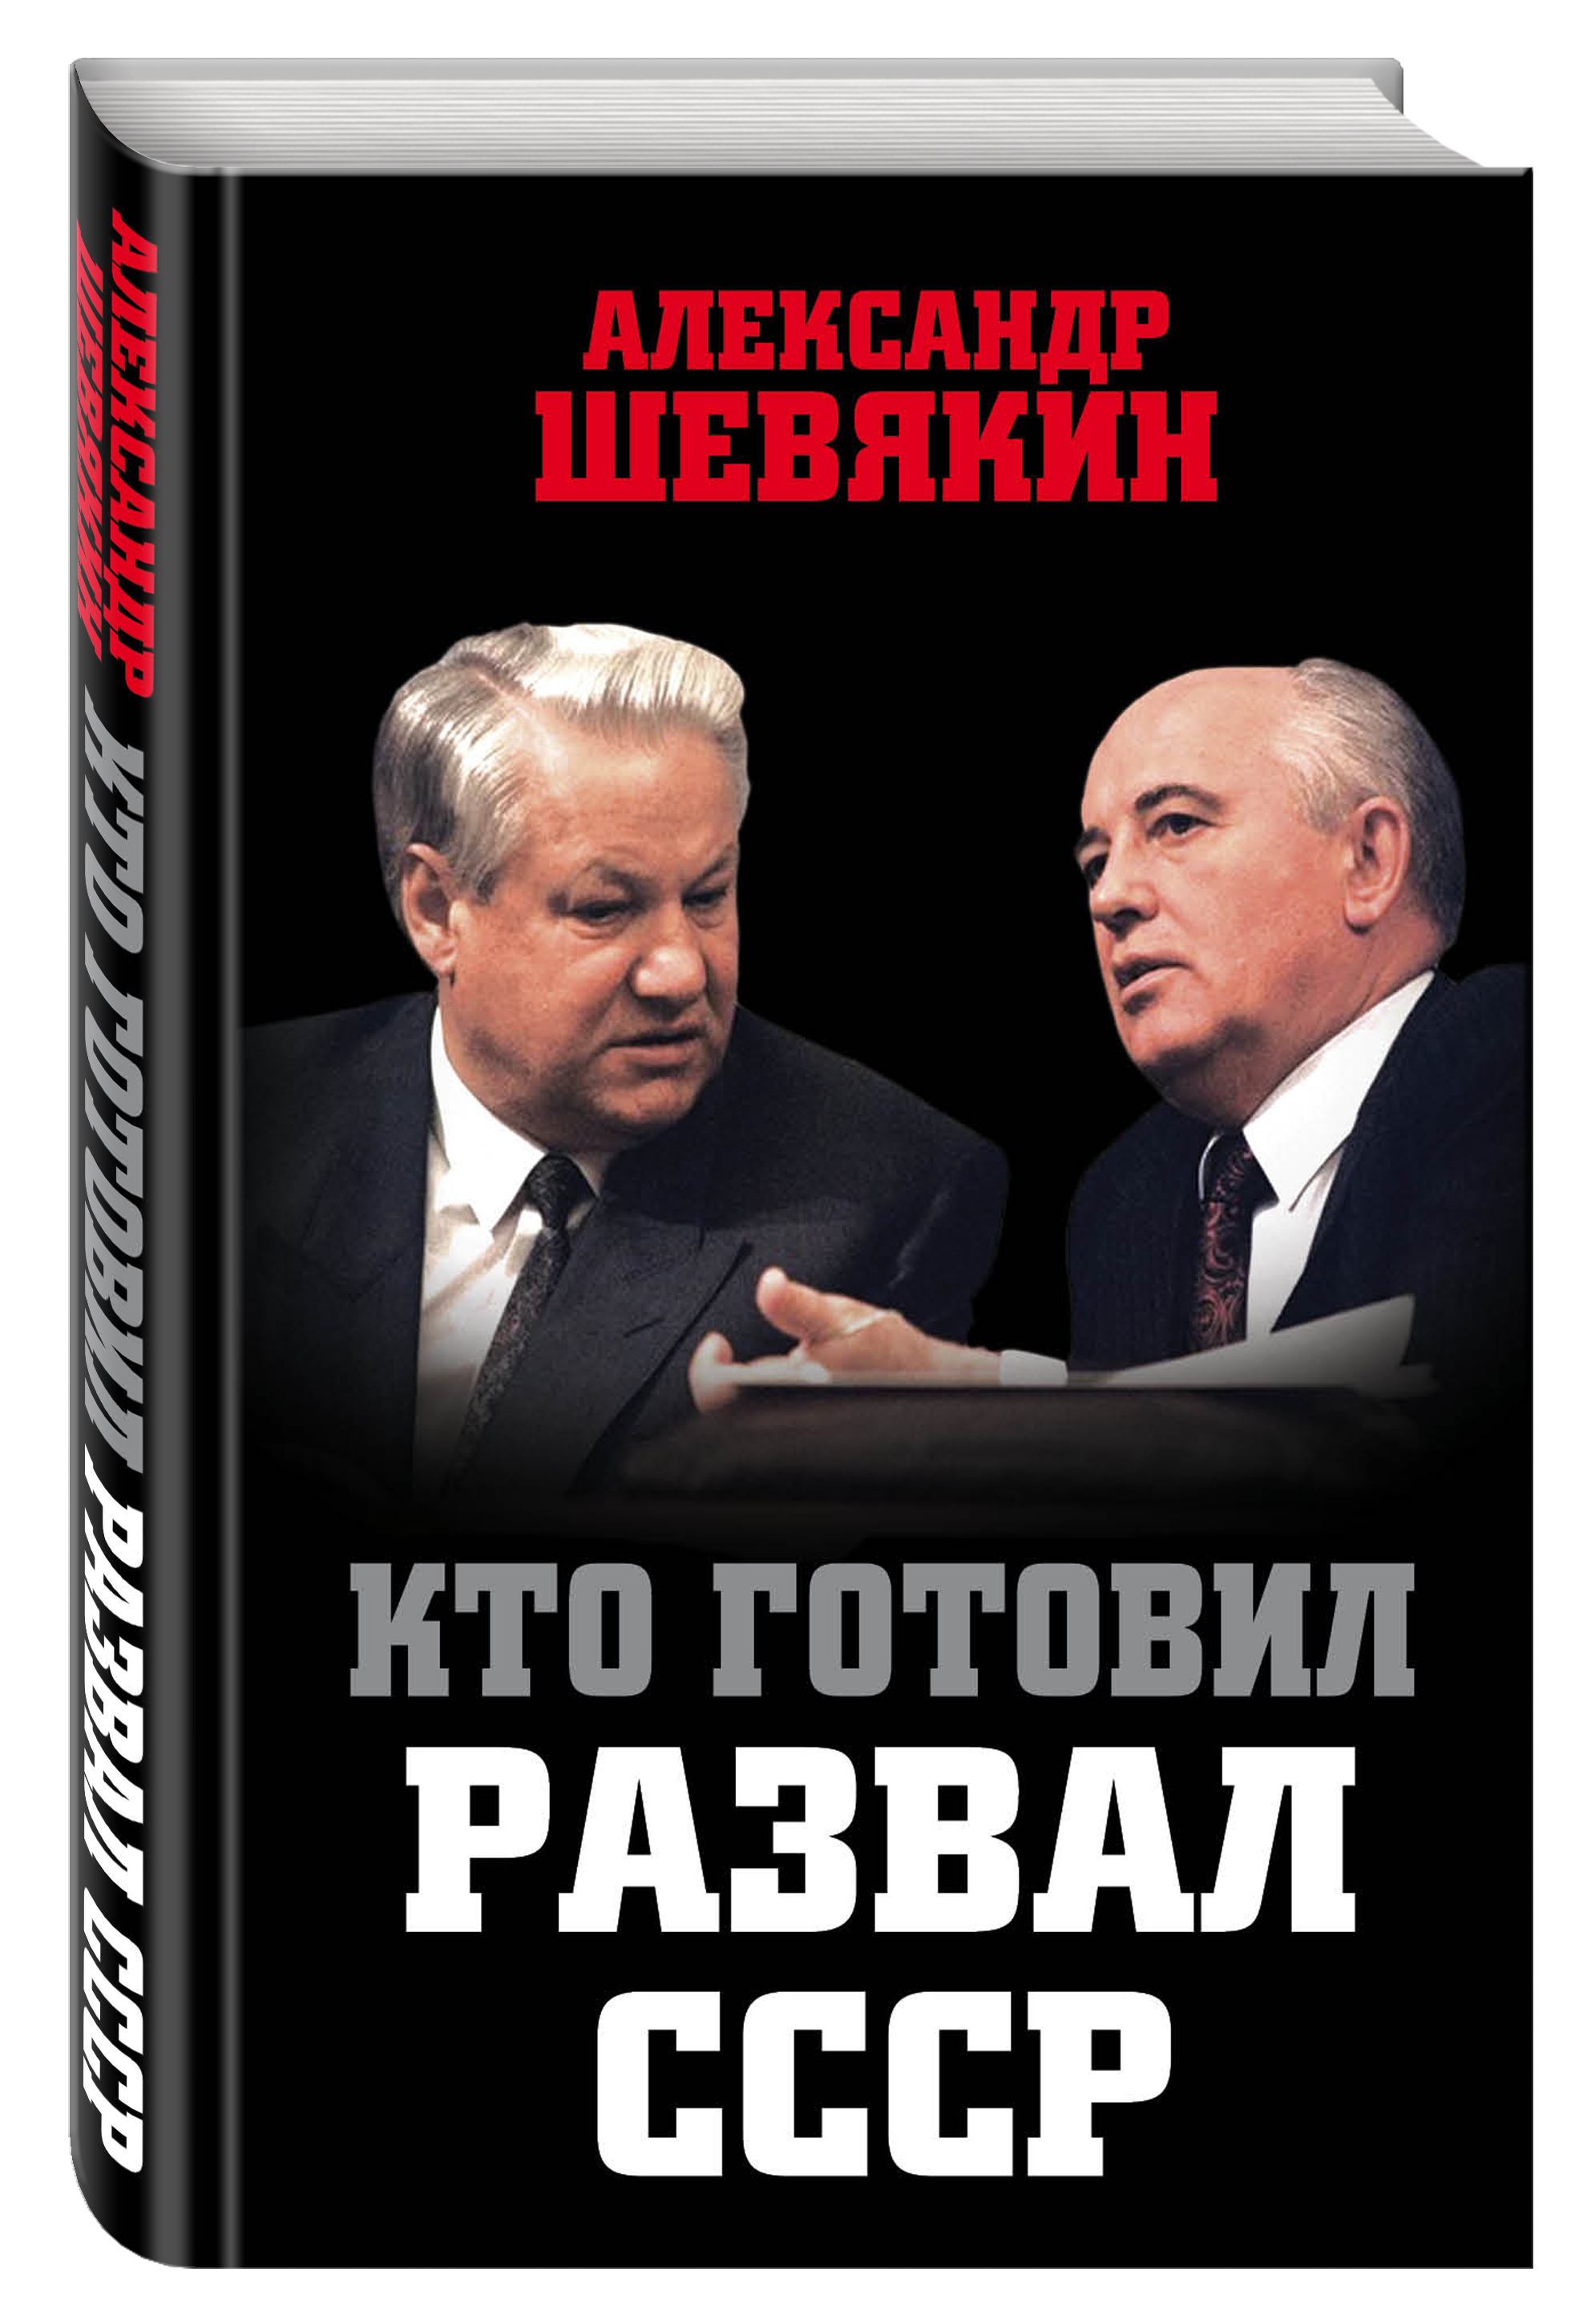 Шевякин А.П. Кто готовил развал СССР игорь атаманенко кгб последний аргумент